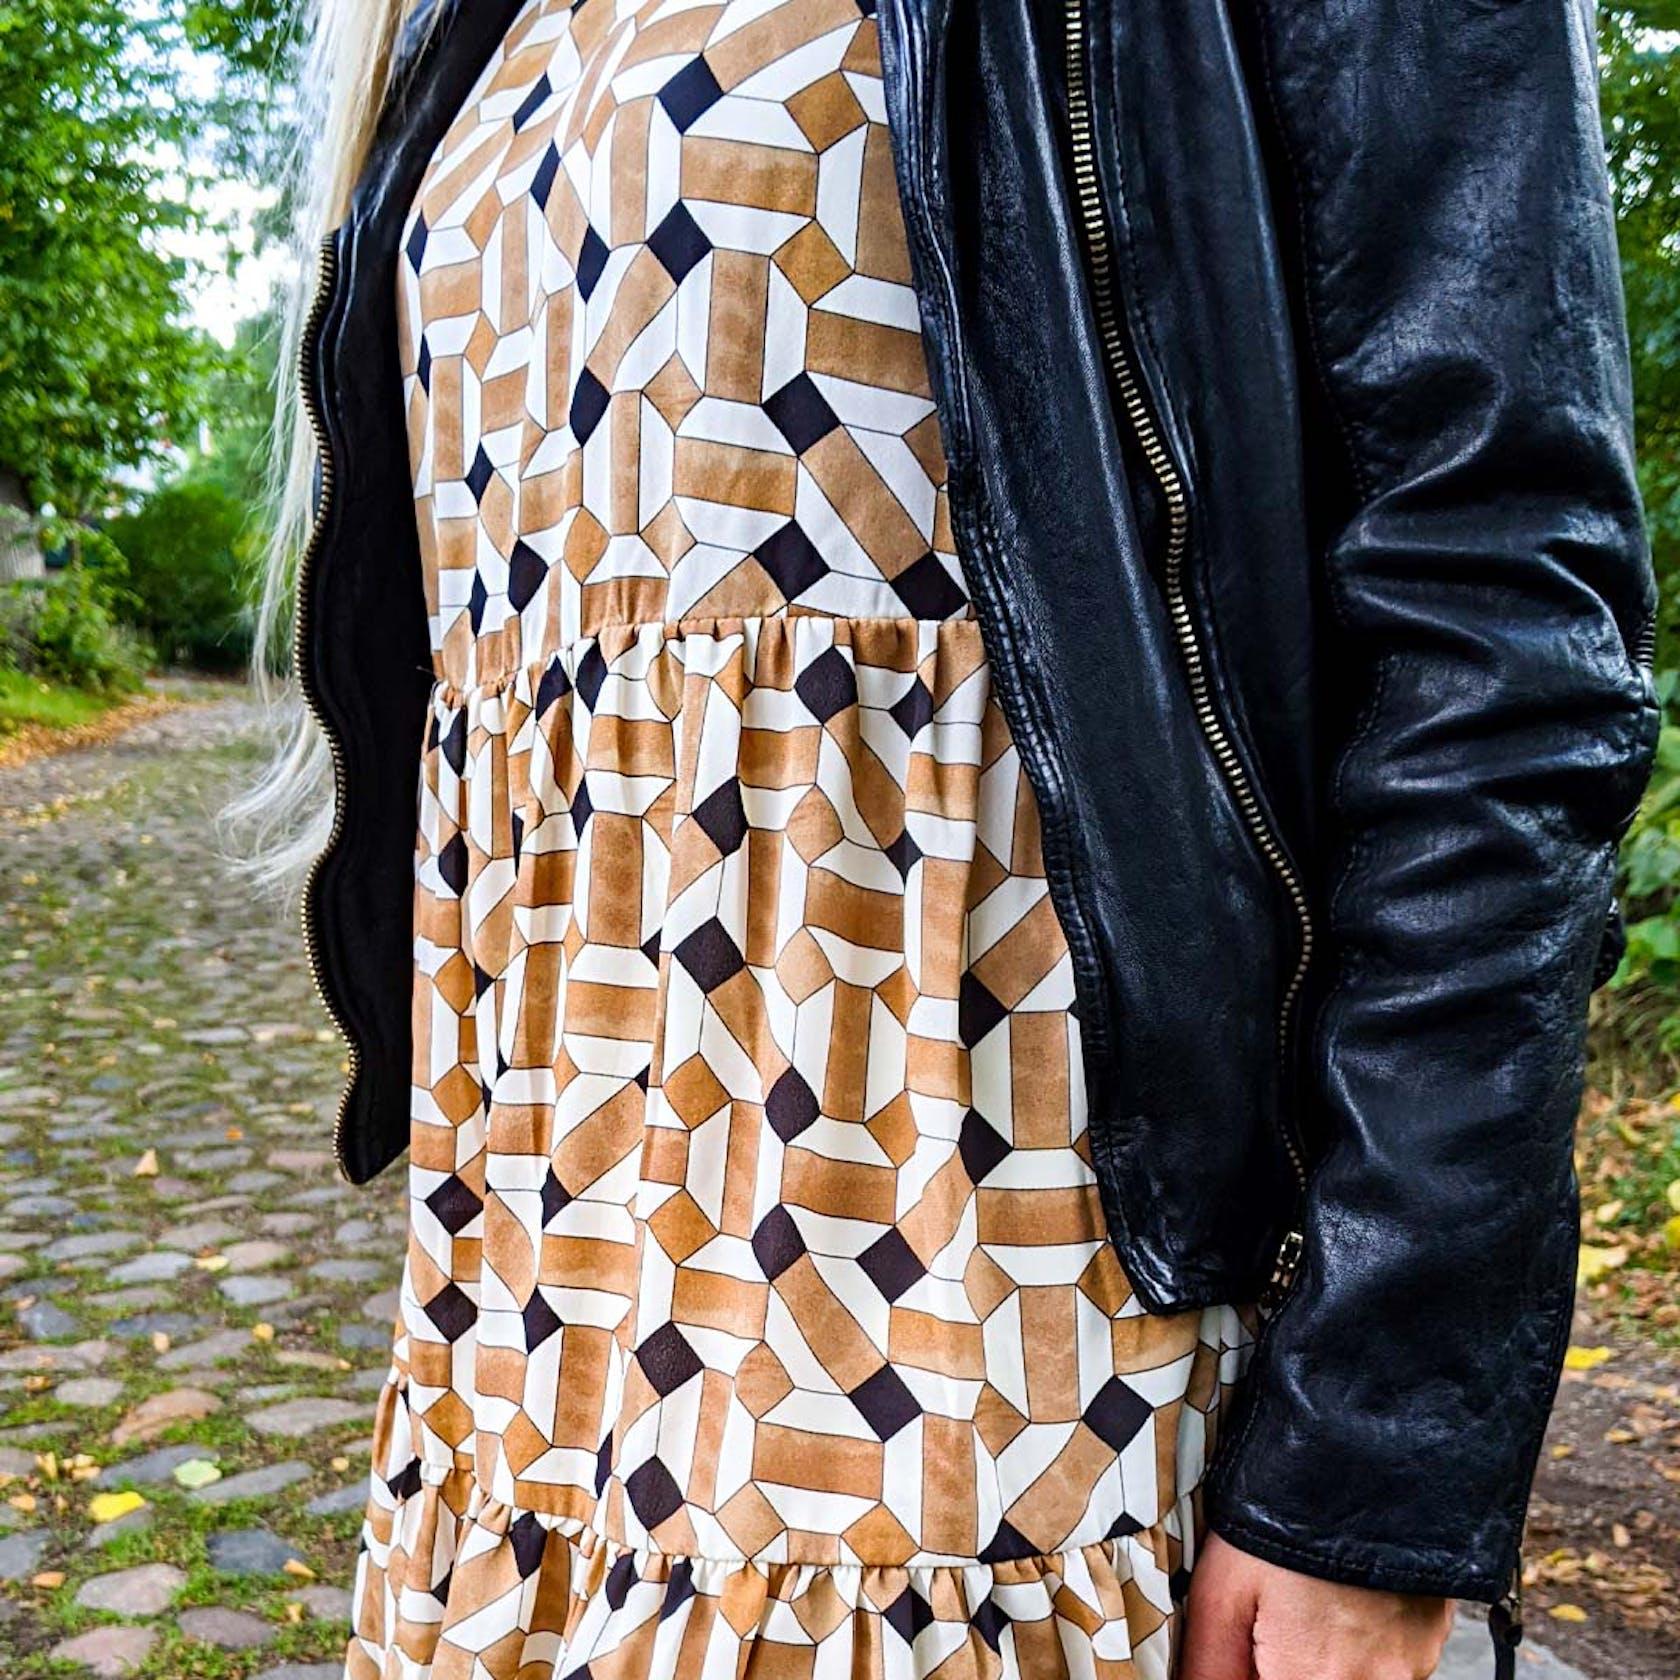 Details von einem braun, schwarz, weiß gemustertem Kleid